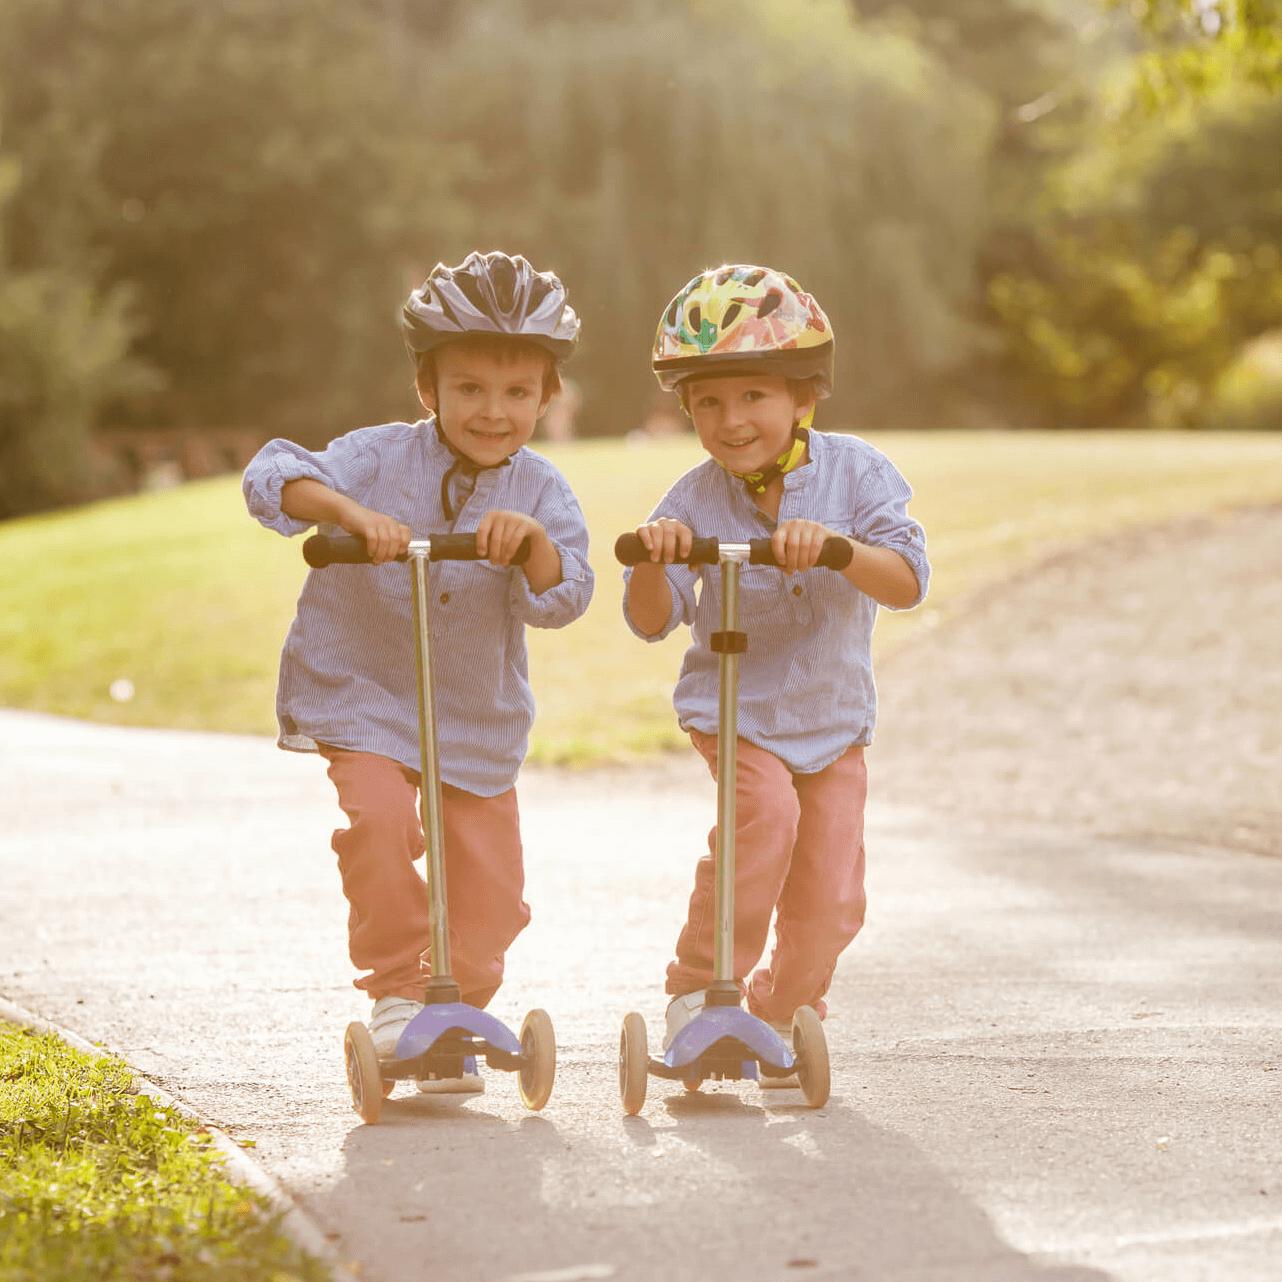 El-løbehjul til børn feature